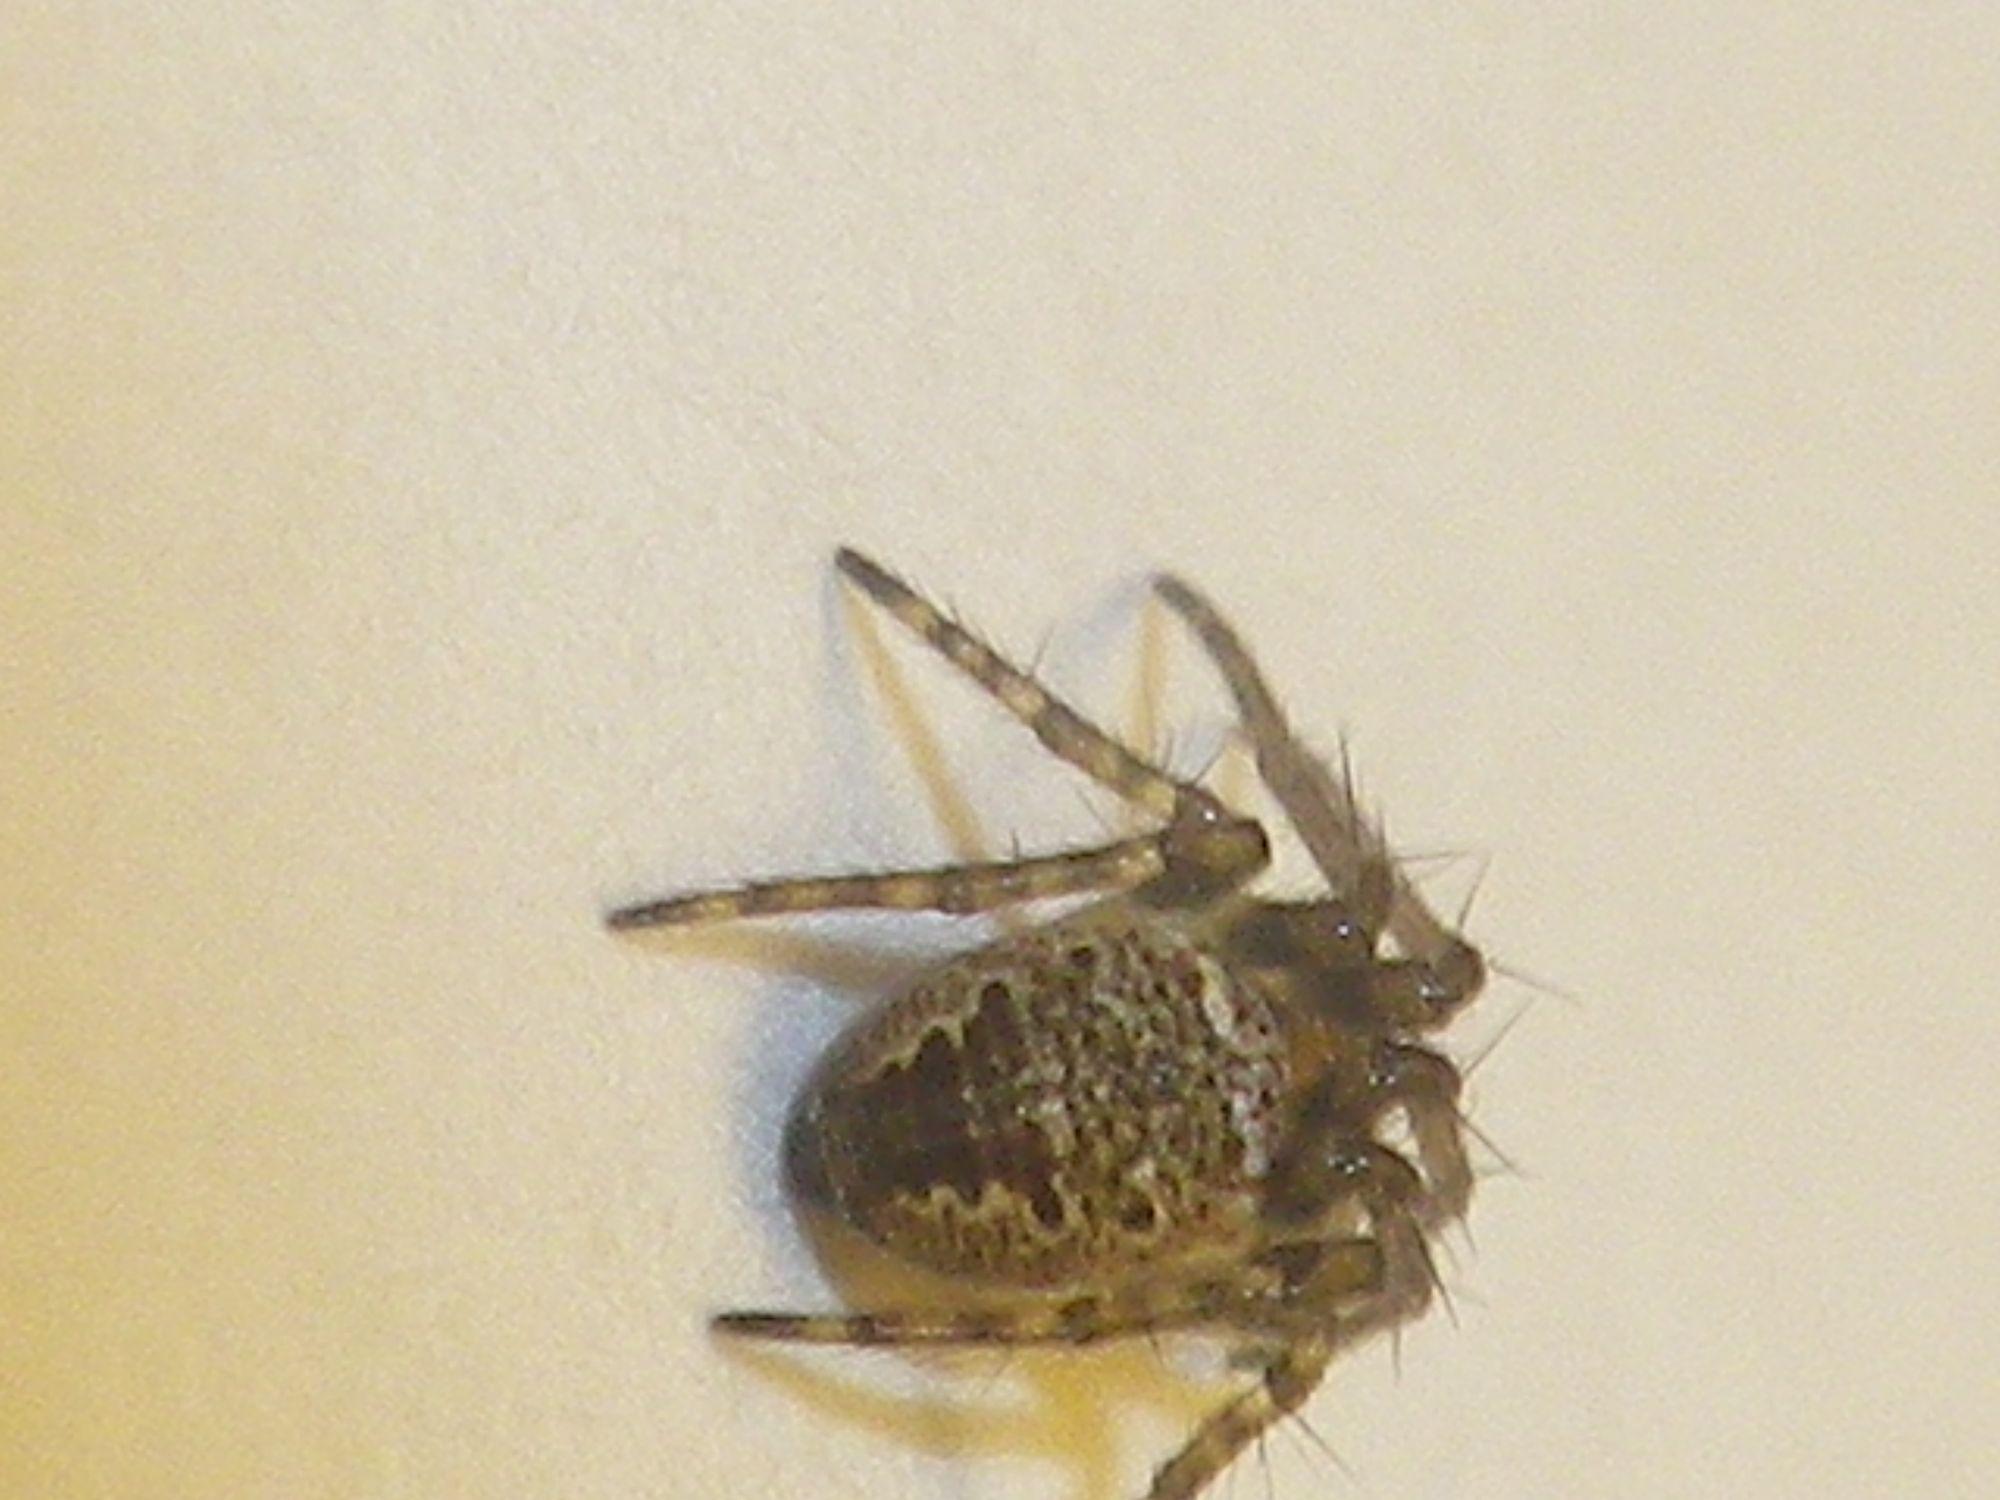 Zilla diodia mâle adulte